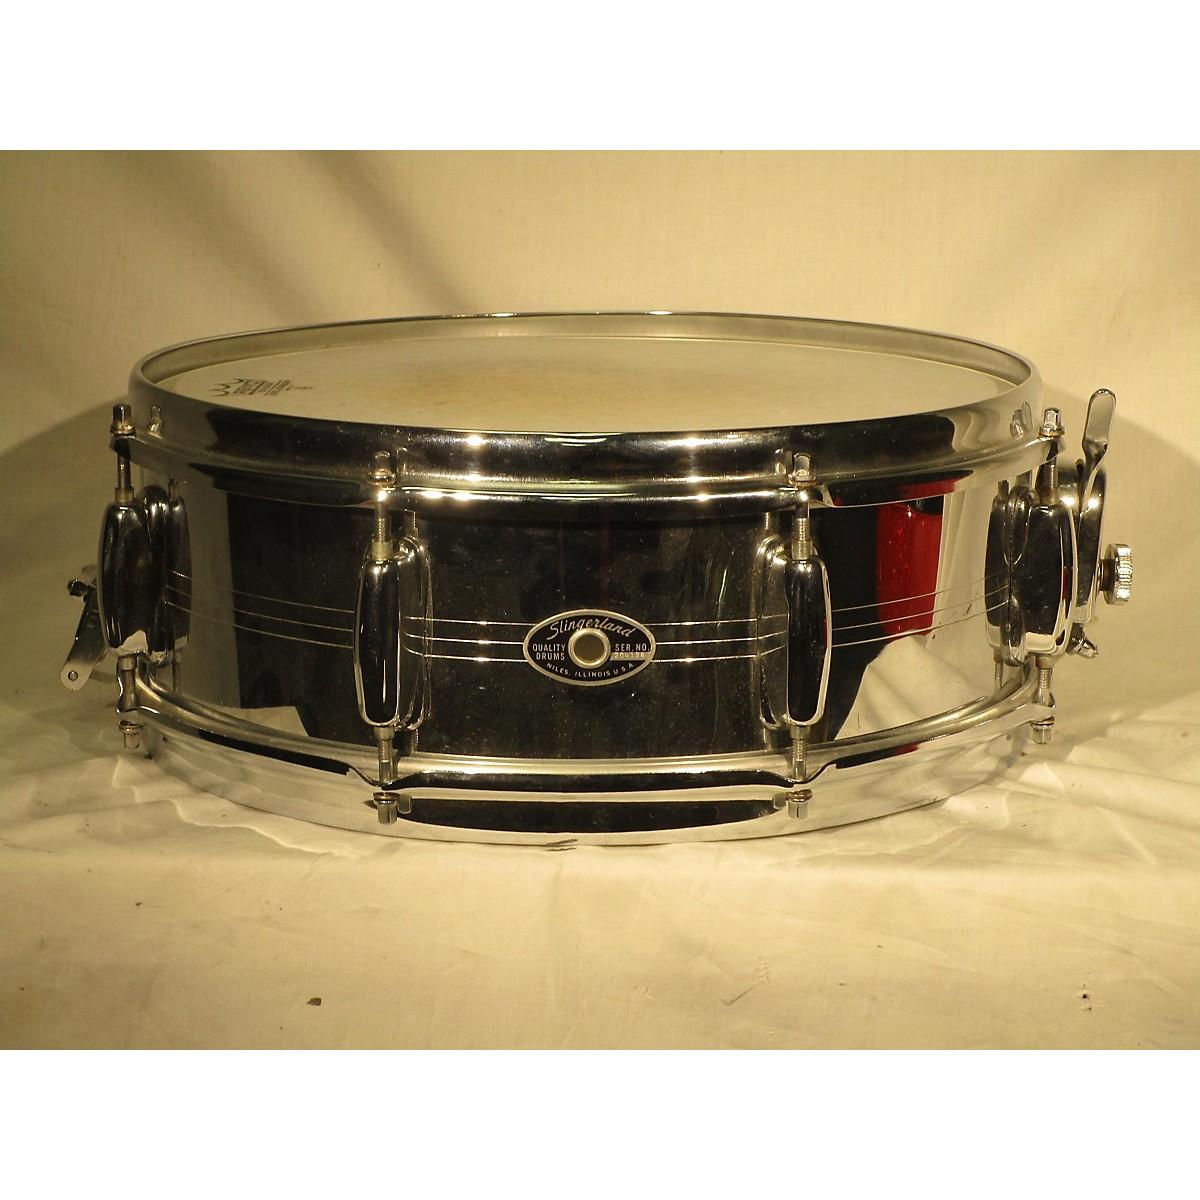 Slingerland 1960s 5X14 CHROME SNARE Drum